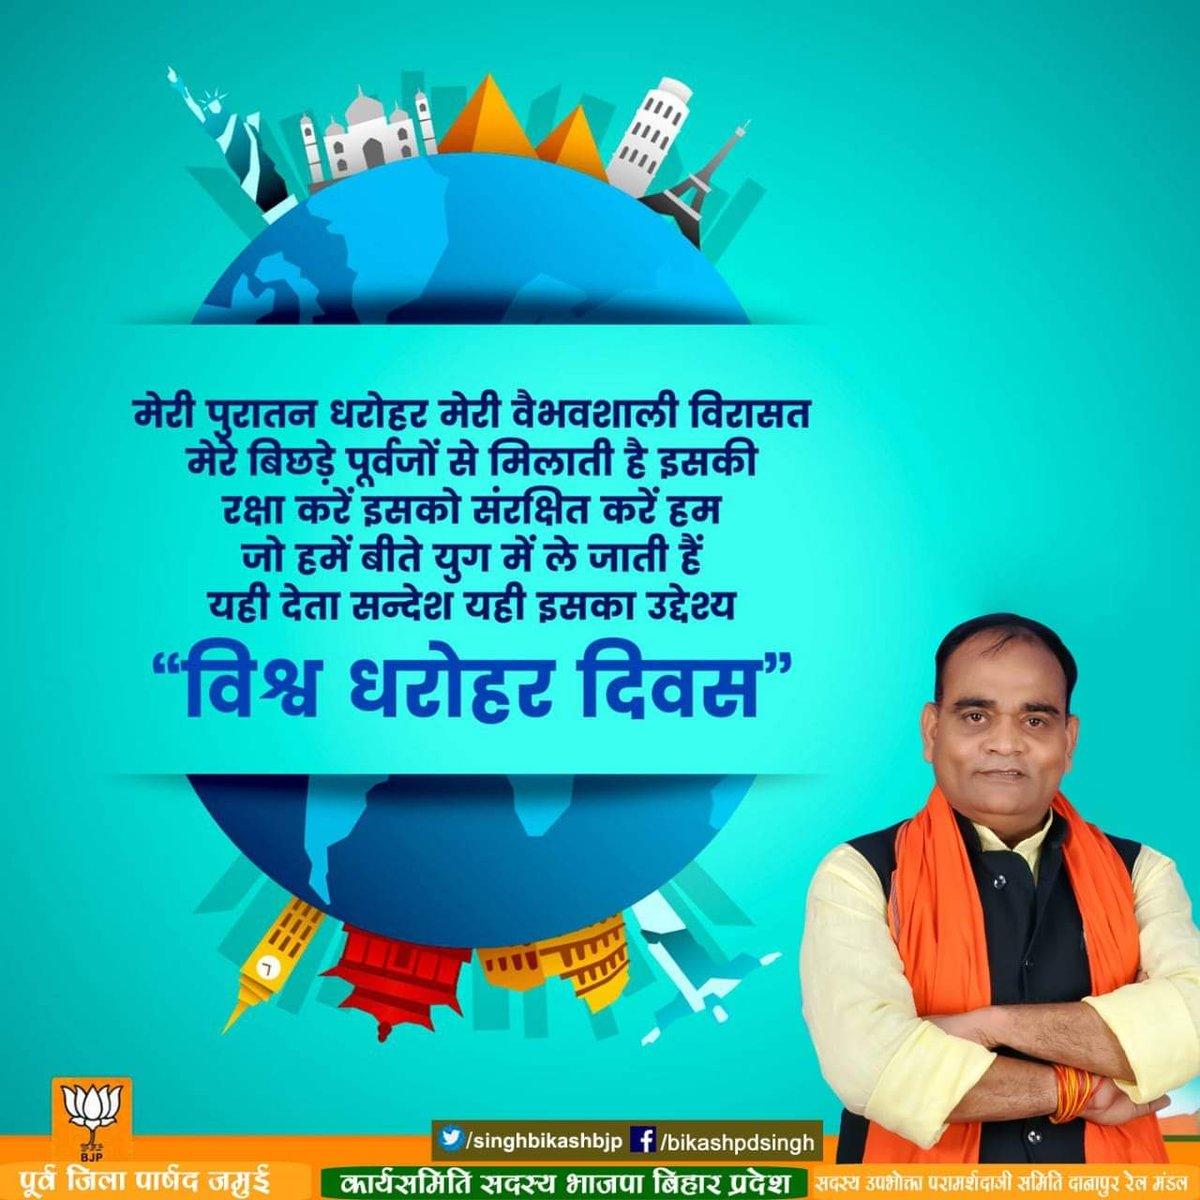 #विश्व_धरोहर के रूप में मान्यता प्राप्त स्थलों के महत्व, सुरक्षा और संरक्षण के प्रति जागरूकता फ़ैलाने के लिए मनाए जाने वाले  'विश्व धरोहर दिवस' की आप सभी को शुभकामनाएँ..    #IndiaSaysNaMoAgain #PhirEkBaarModiSarkar #NarendraModi #Jamui #BJP4Jamui #India #BJP4Bihar #Bihar https://t.co/cn8iND7hsI